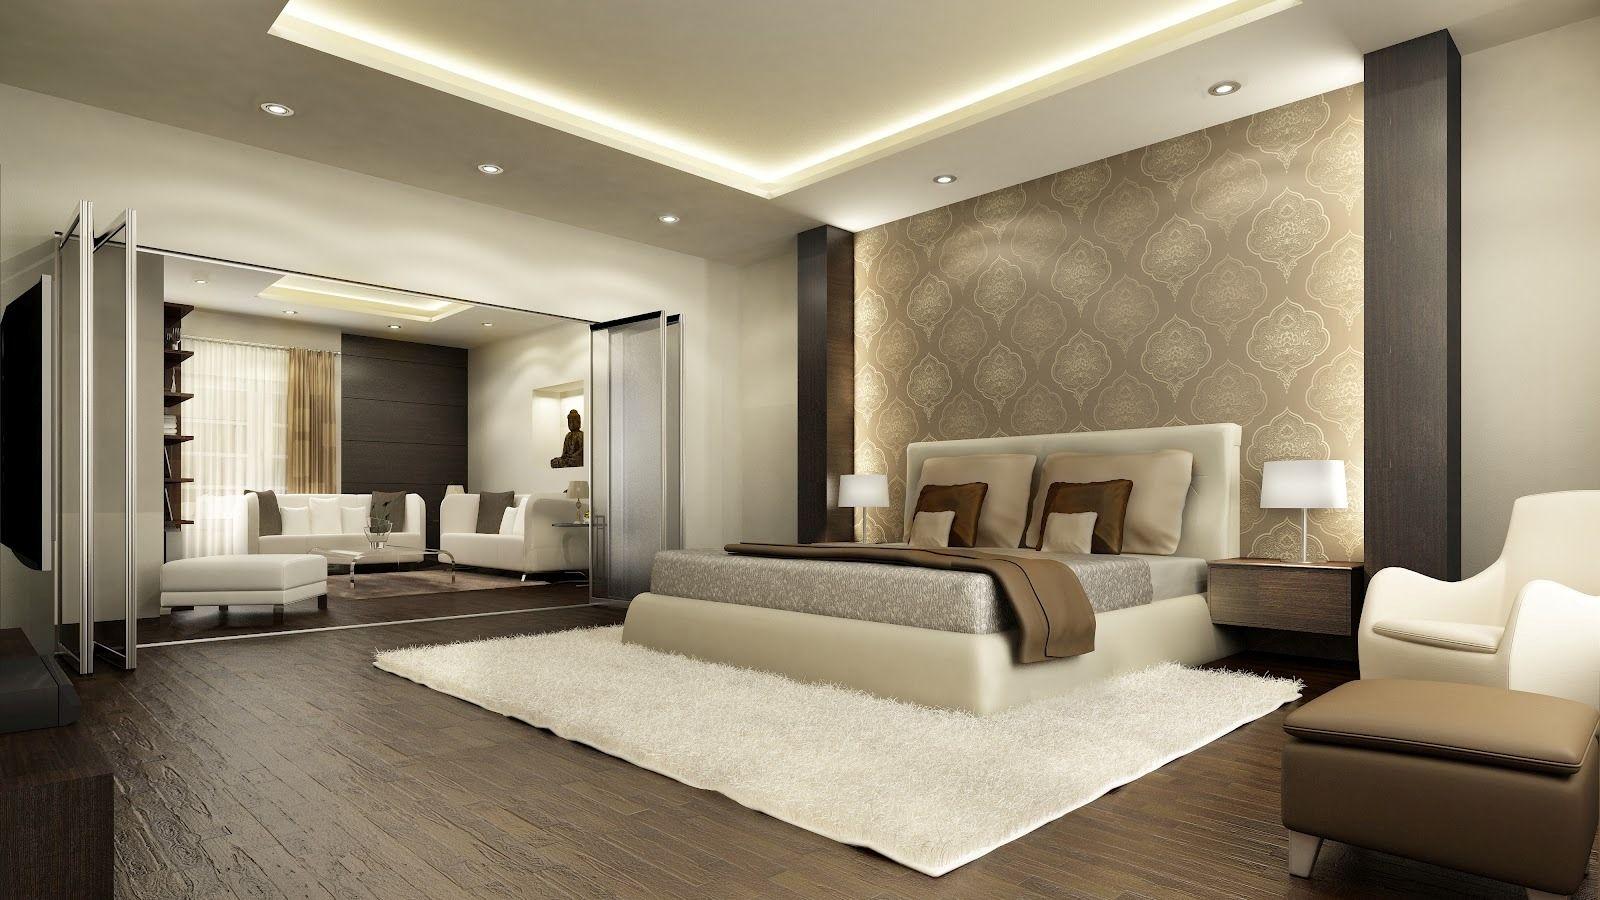 elegant bedroom interior design Fascinating Luxury Strangely Bedroom Interior Design Fur